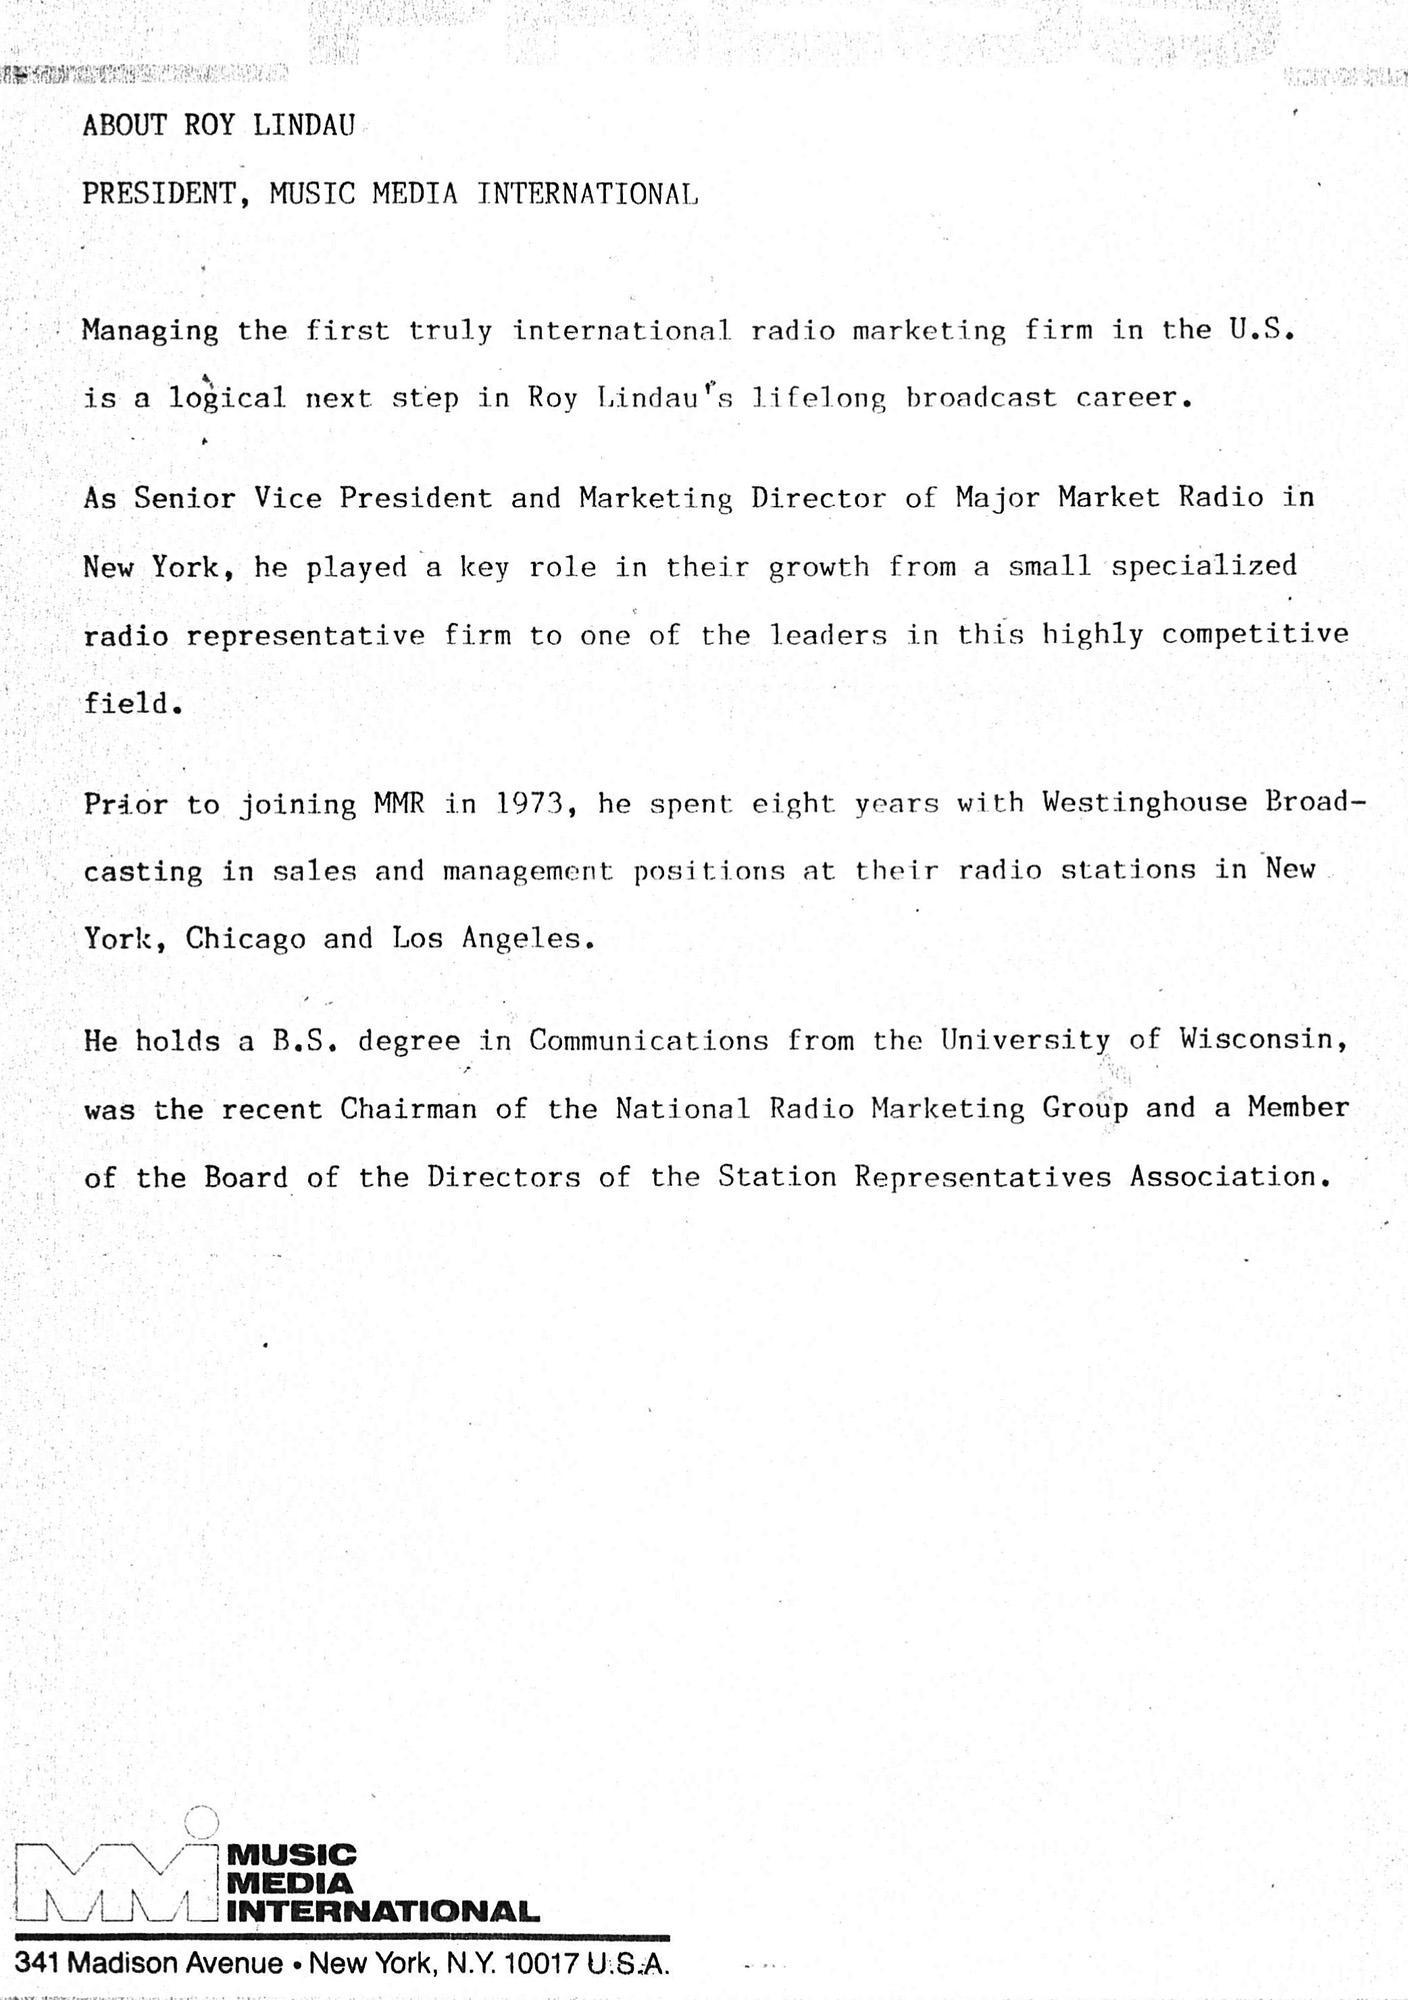 19831201 Press release Laser 558 09.jpg